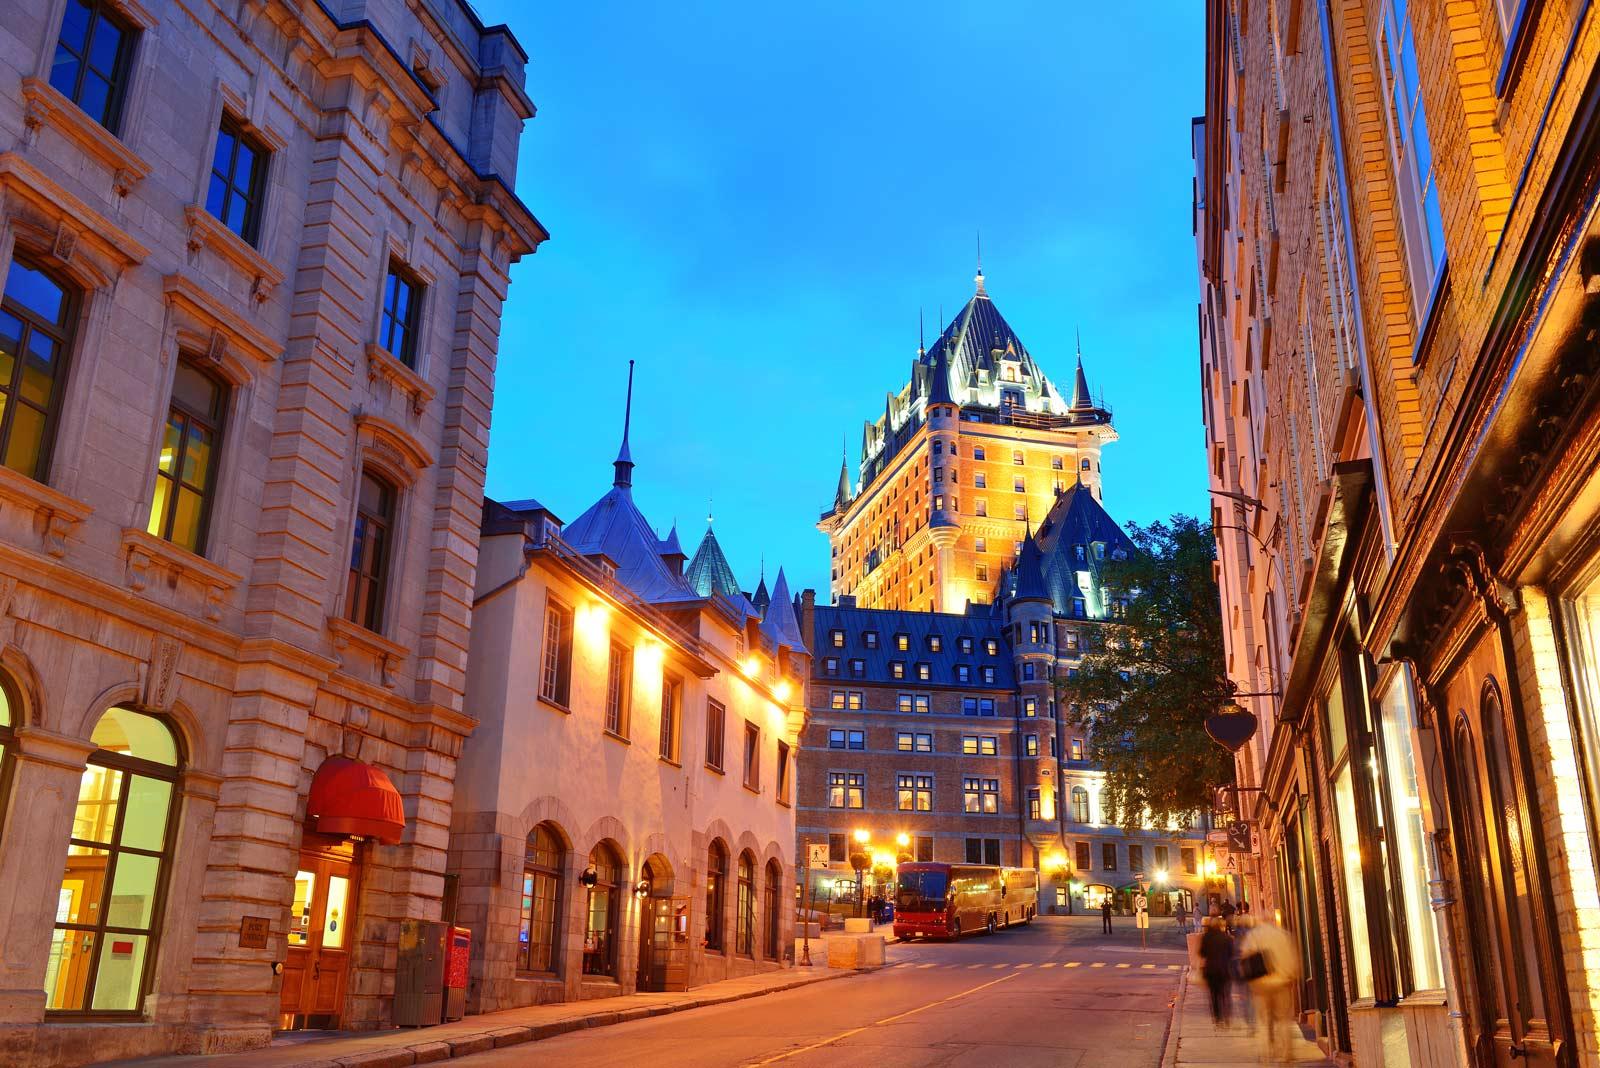 Quebec City is a UNESCO Site